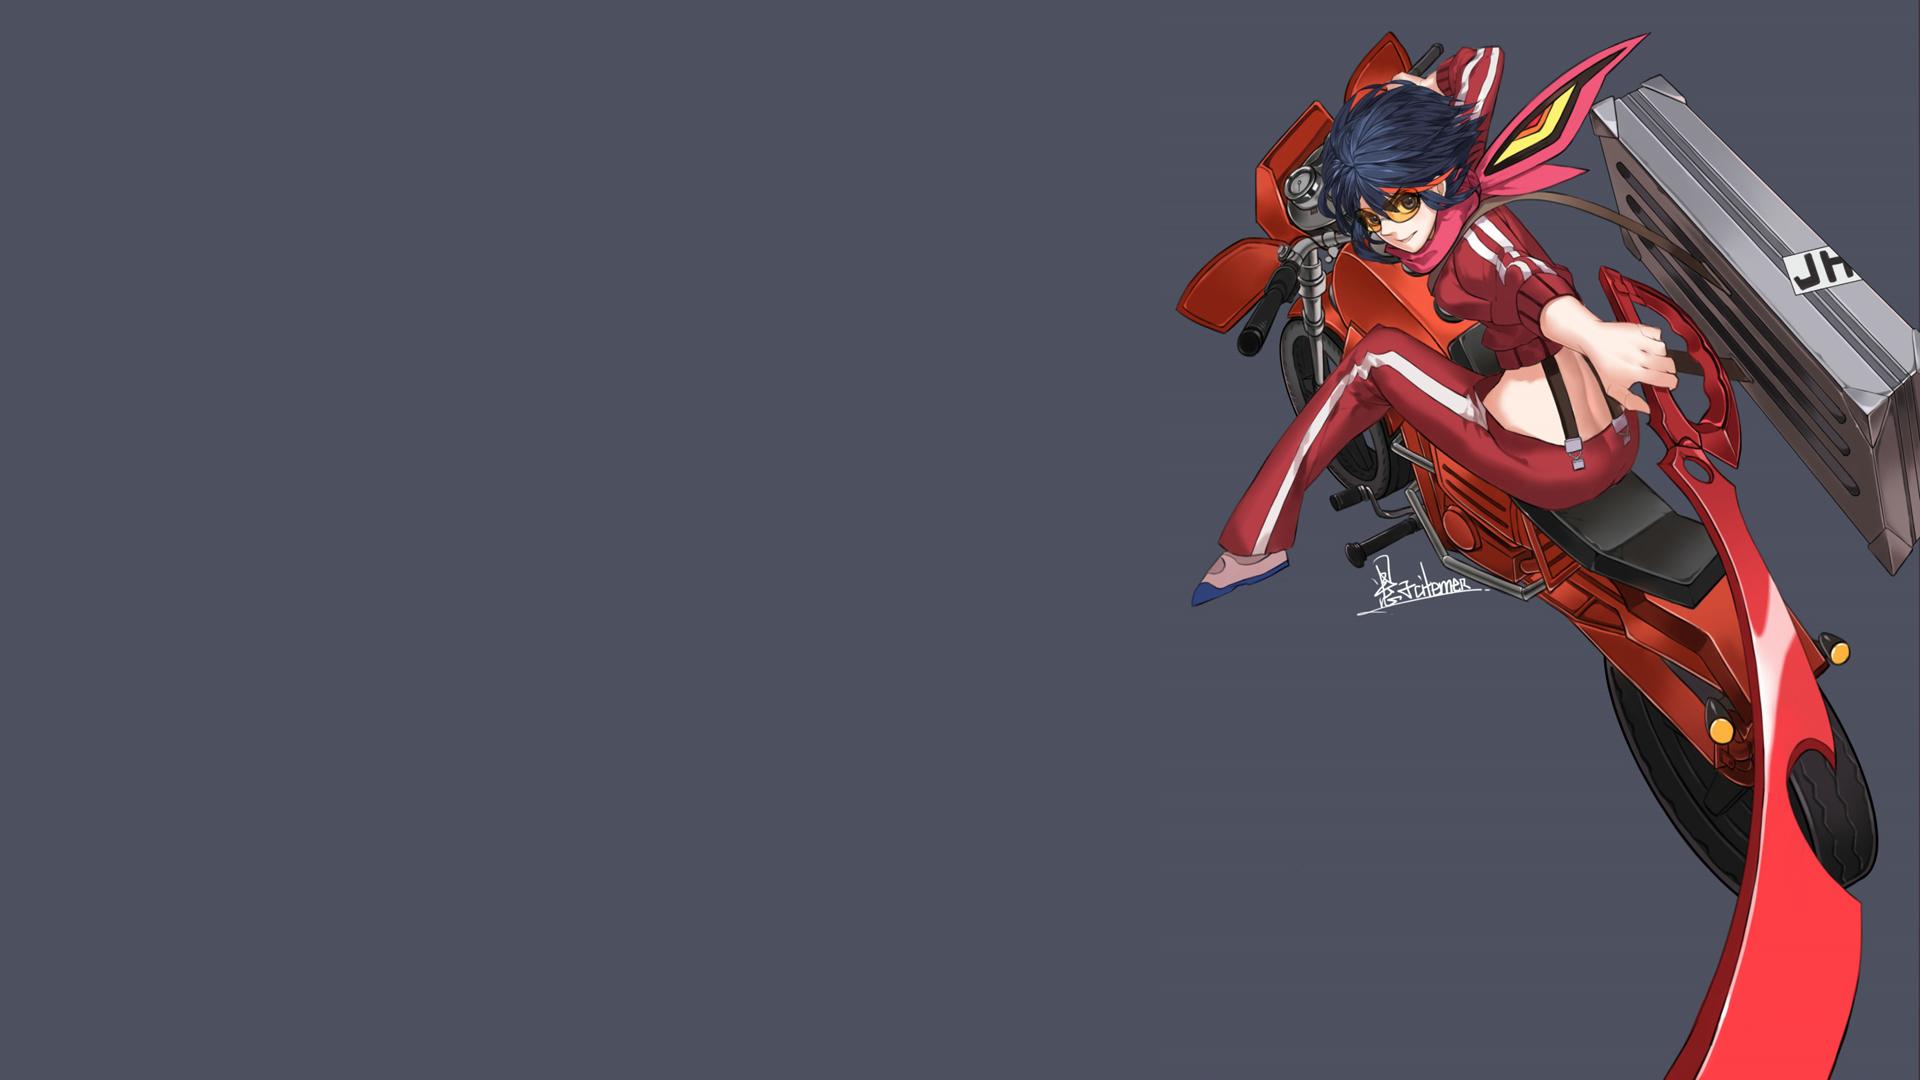 ryuko kill la kill anime girl hd wallpaper image picture 1920x1080 6q 1920x1080